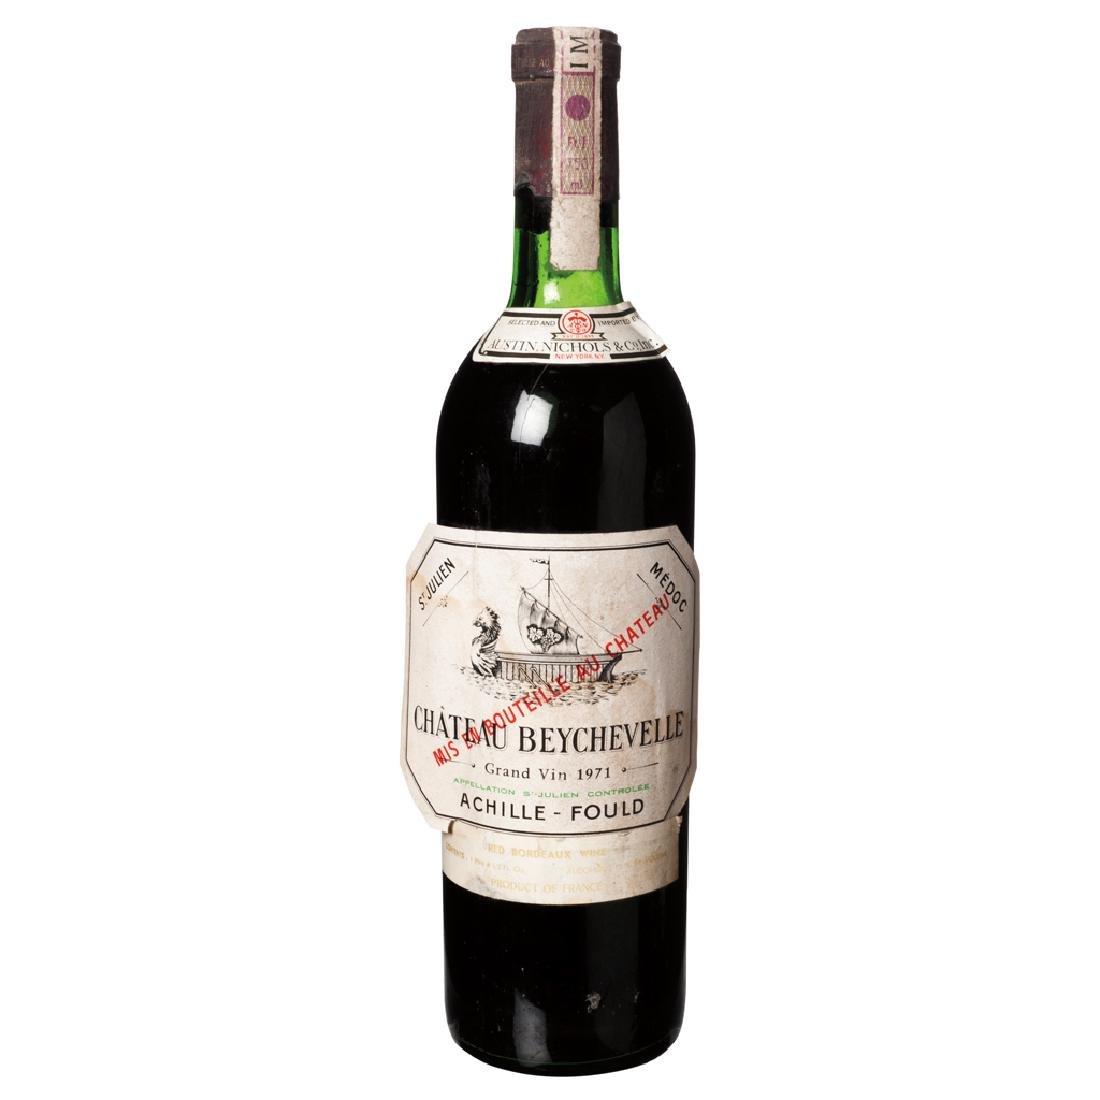 Chateau Beychevelle. Vintage 1971. Grand Vin. Saint